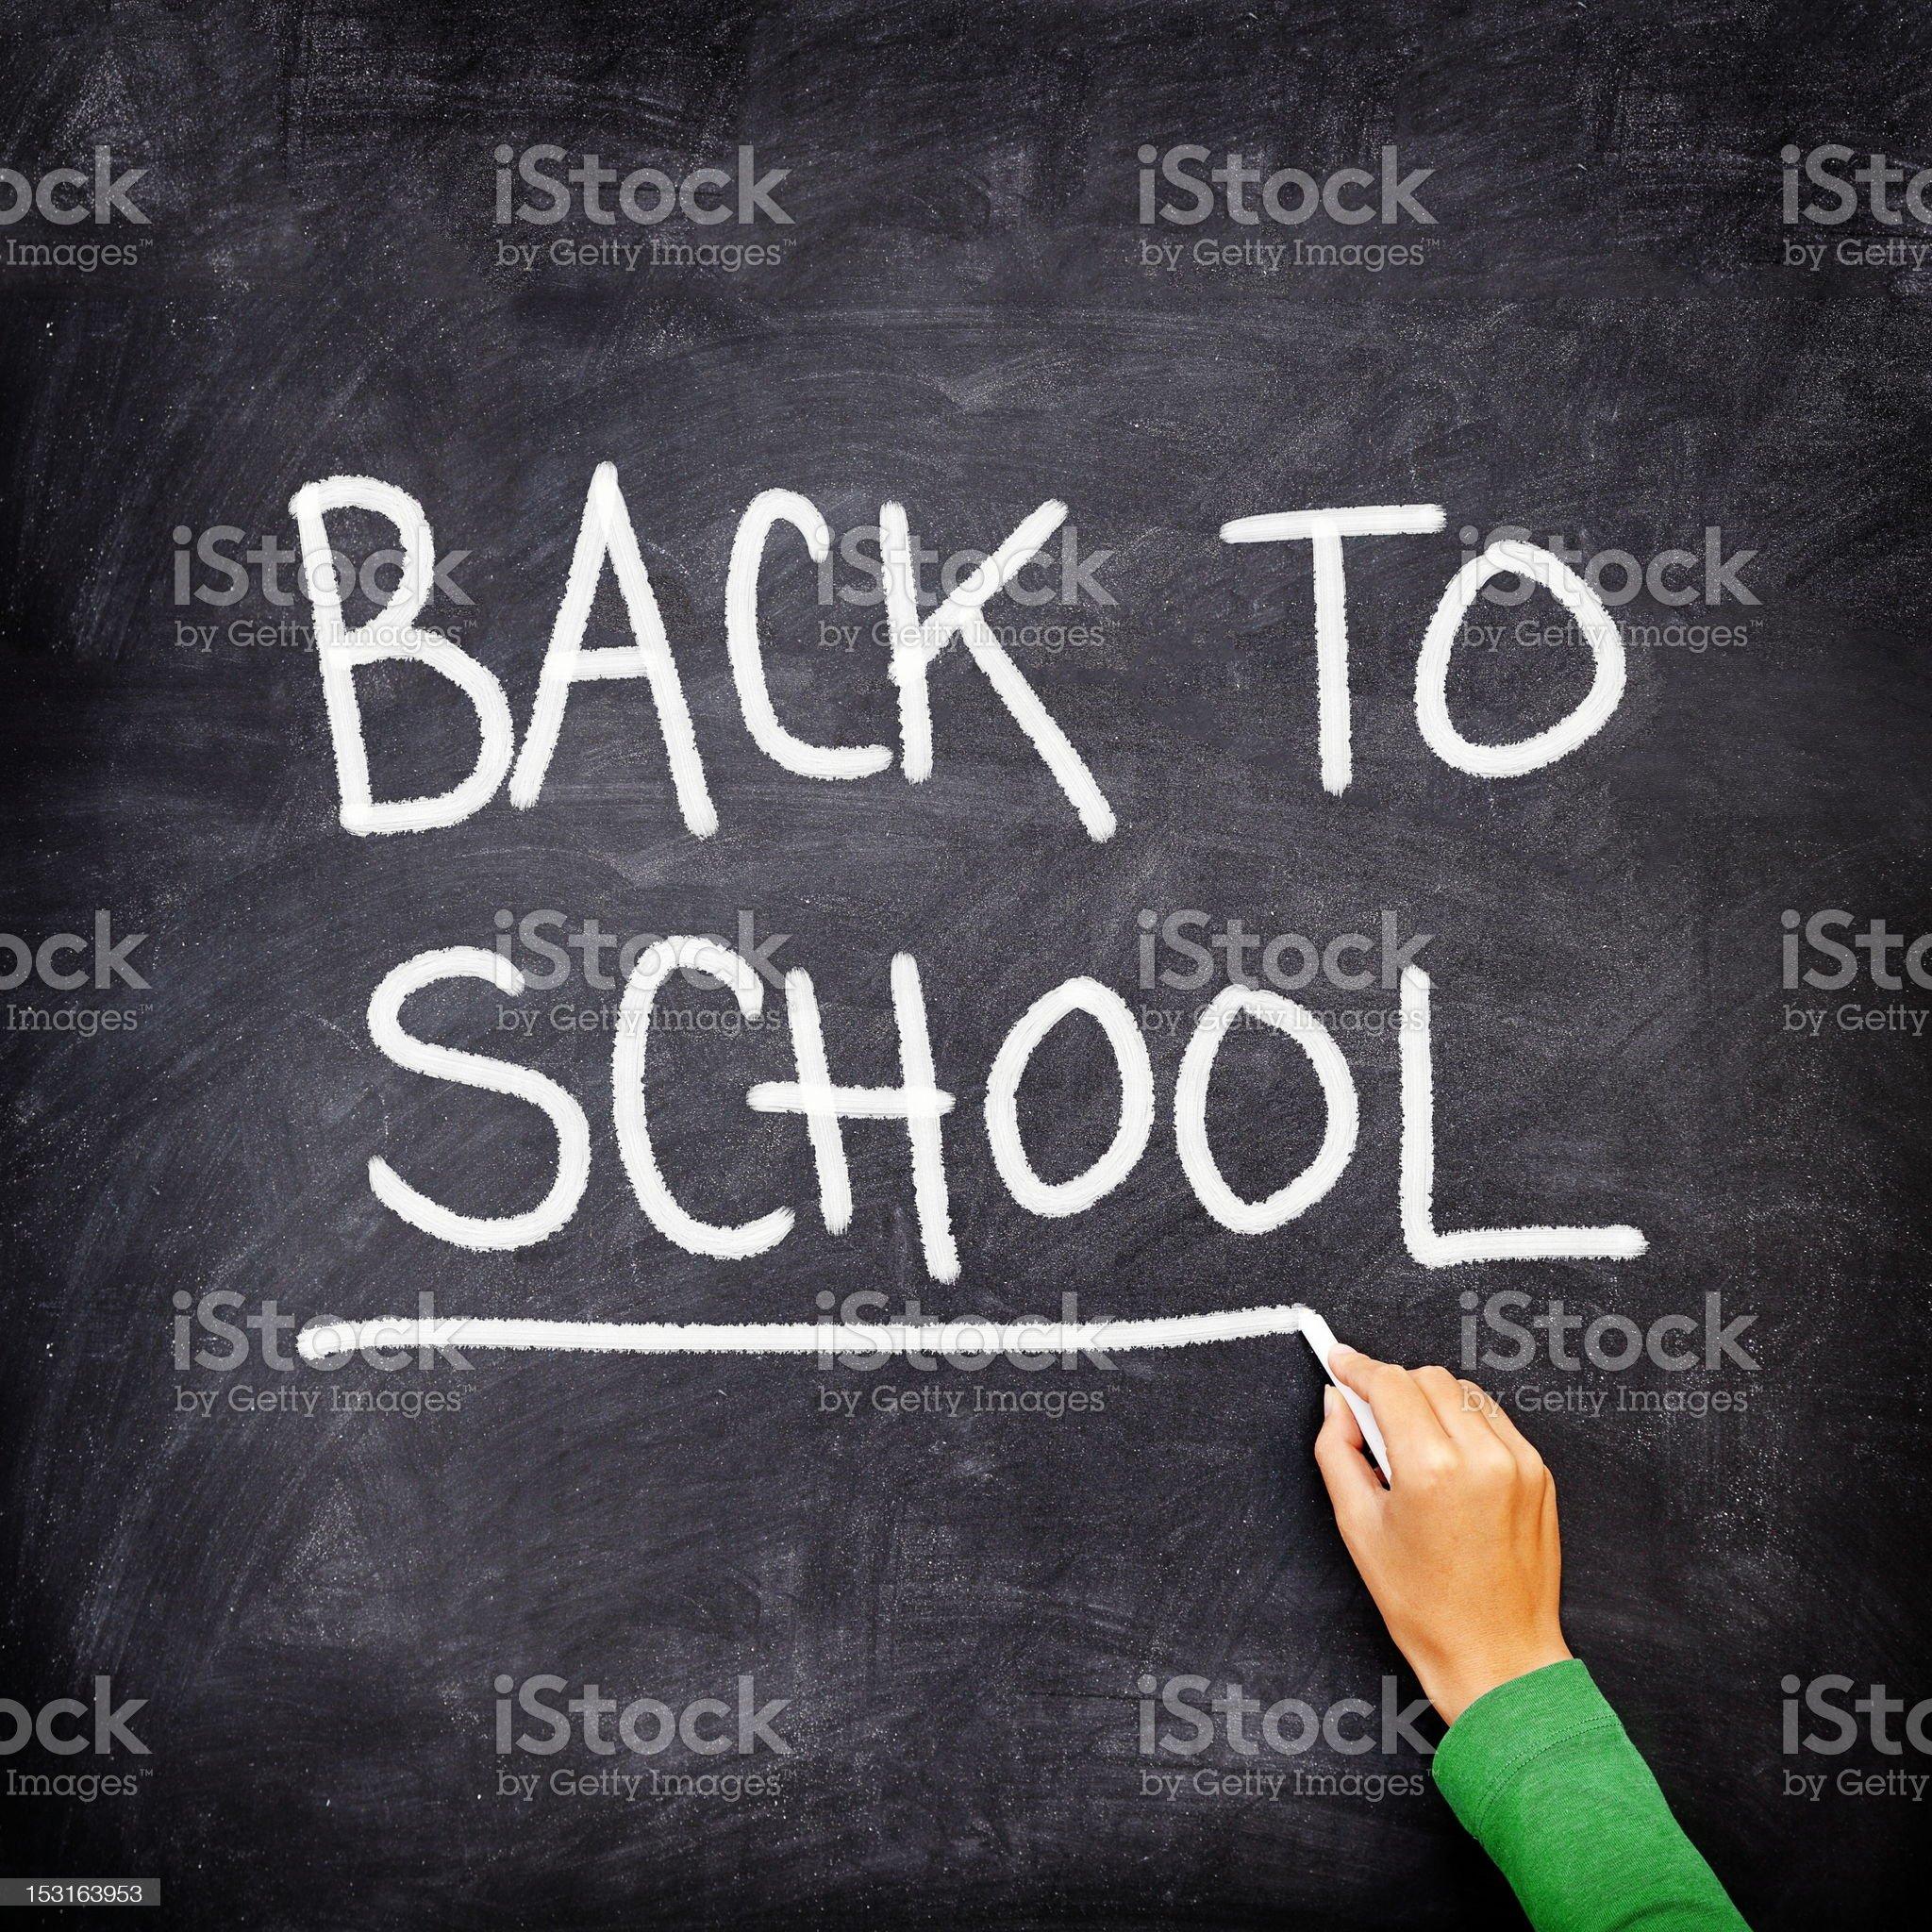 Back to school blackboard / chalkboard royalty-free stock photo